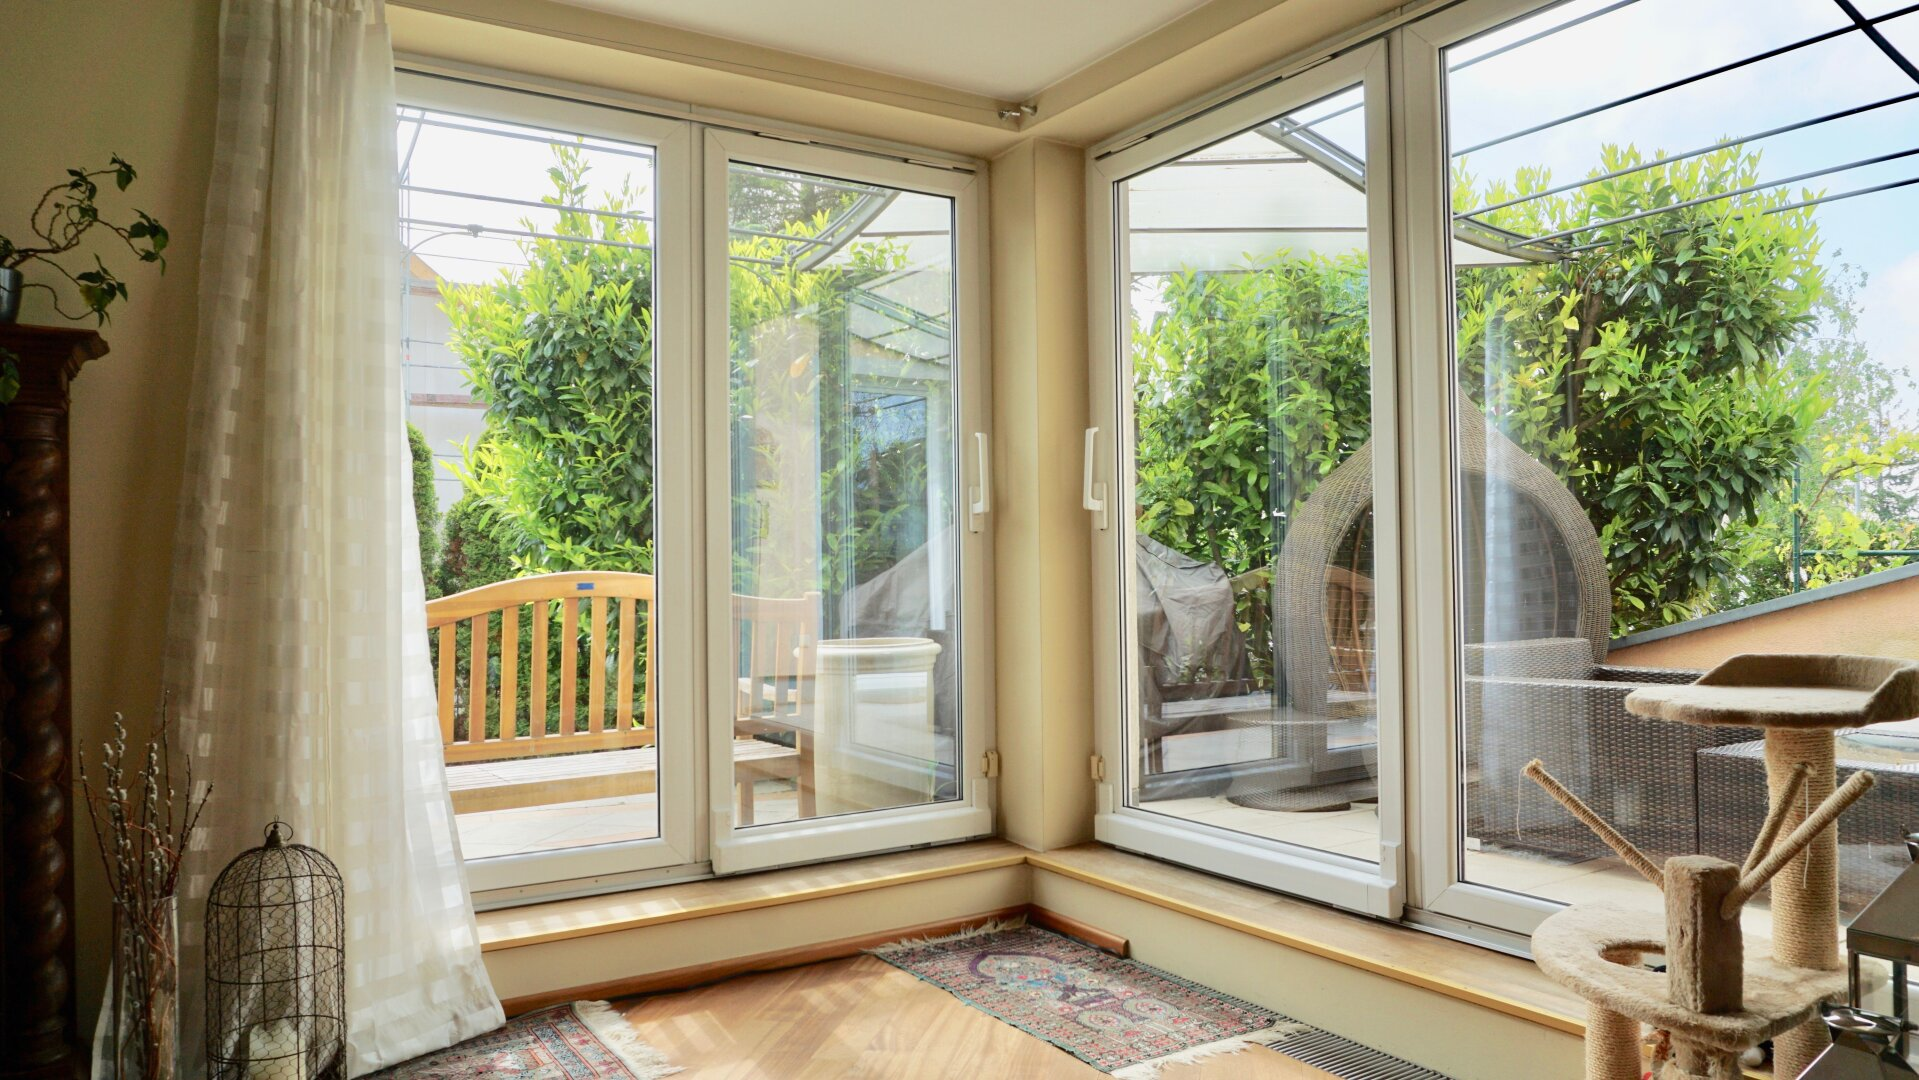 Wohnzimmer - Terrassenausgang